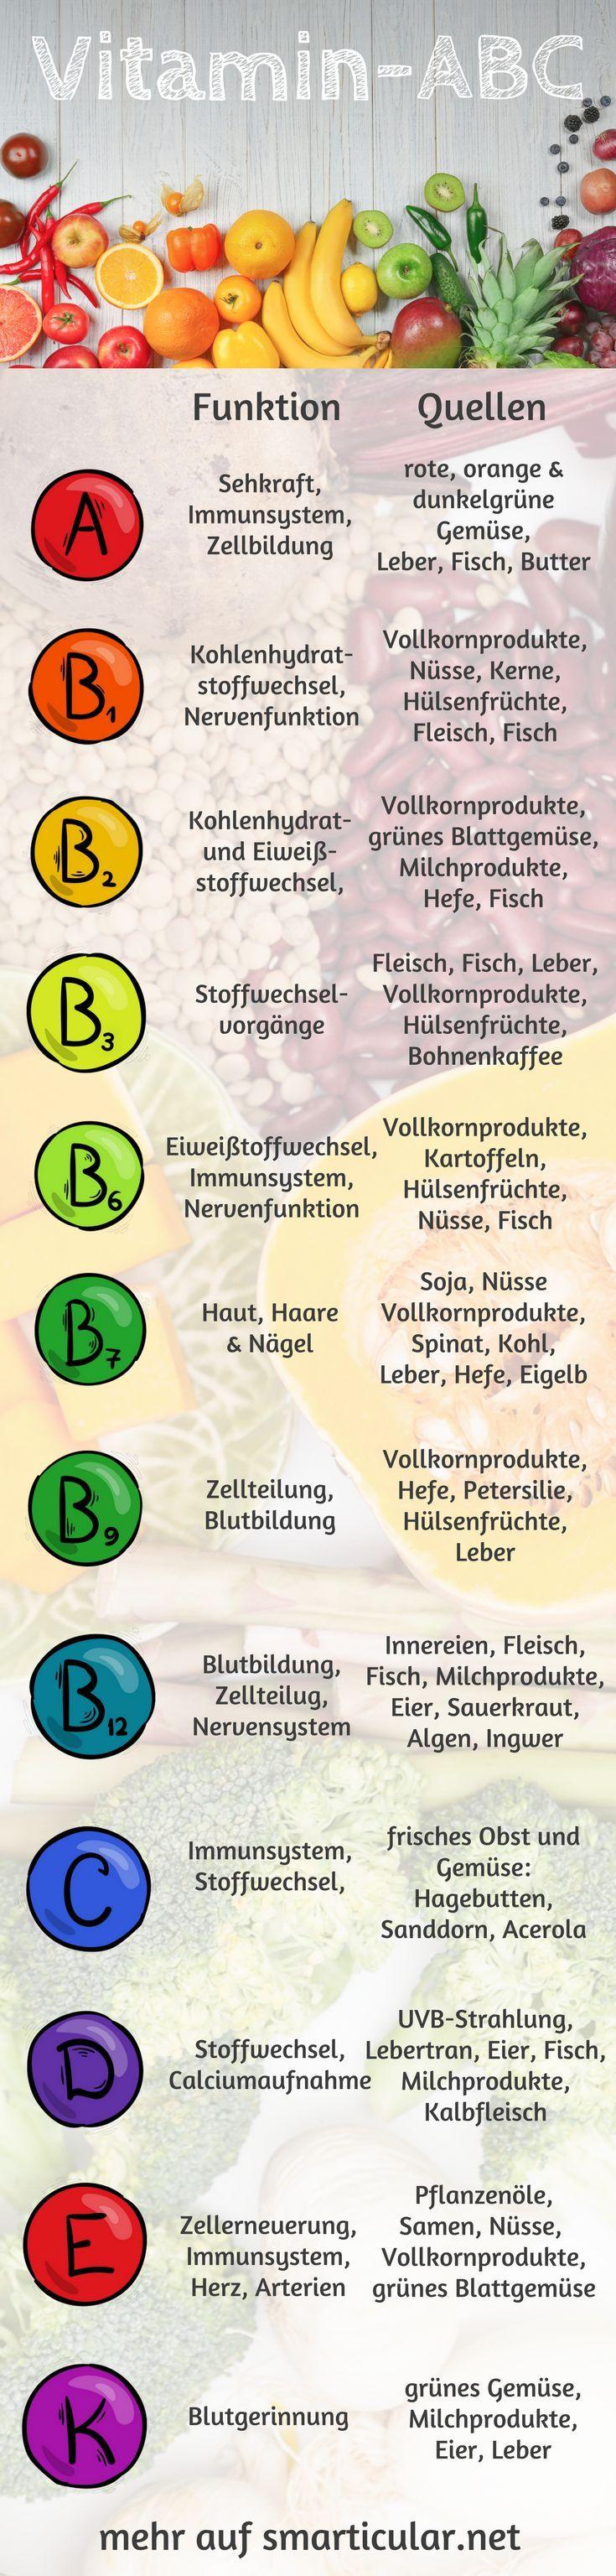 Vitamine sind essentiell für unseren Organismus - Im Vitamin-Lexikon erfährst du, wofür sie wichtig sind und worin sie enthalten sind!